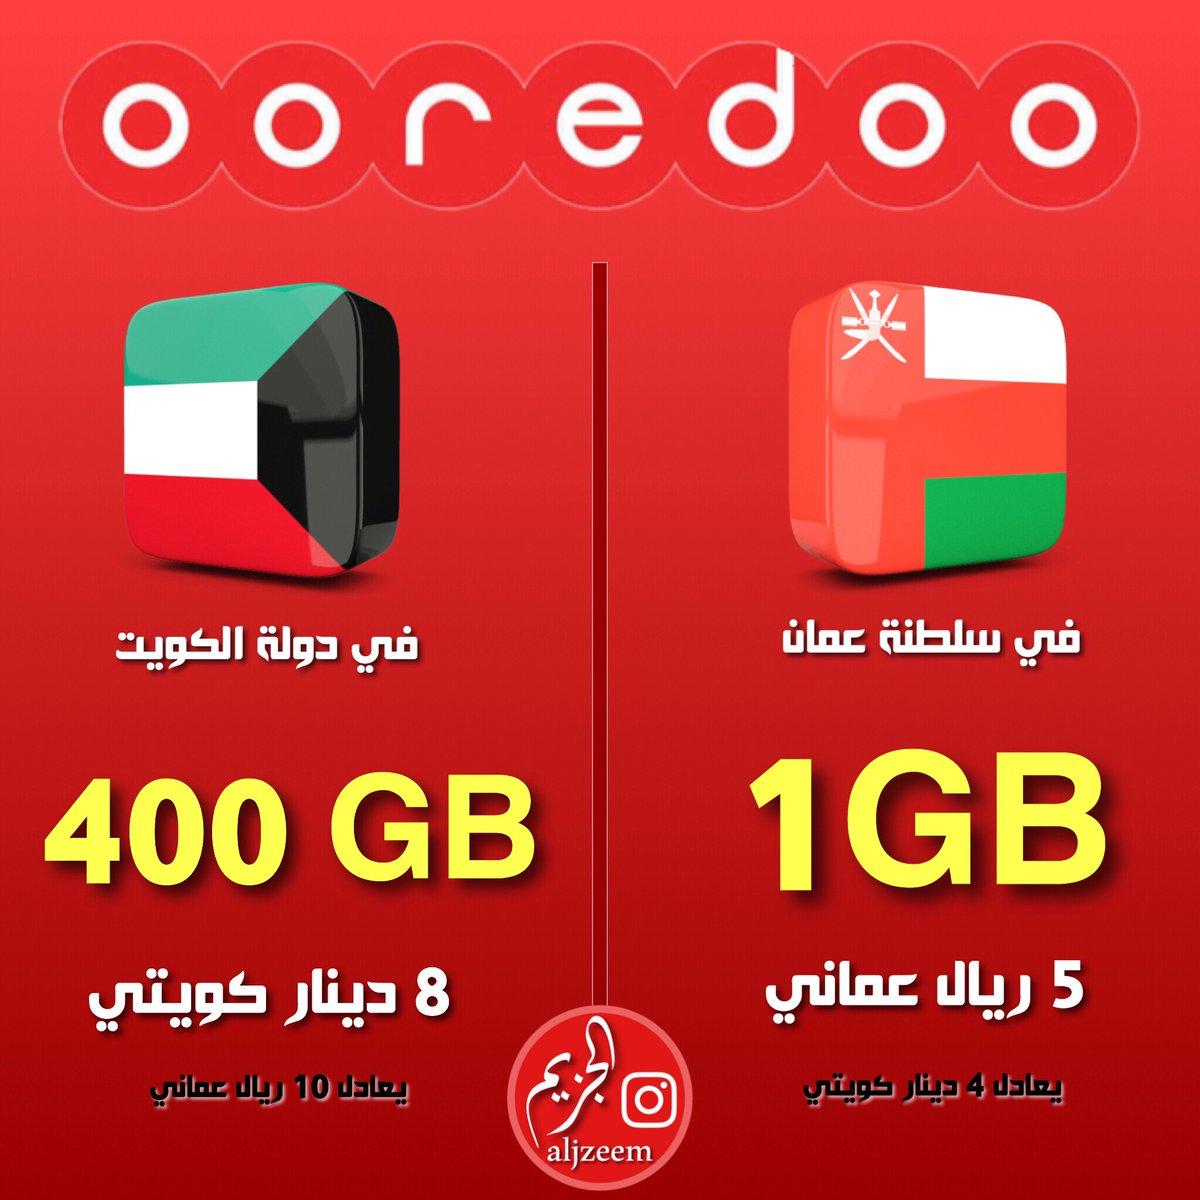 رقم خدمة عملاء اوريدو الكويت 7